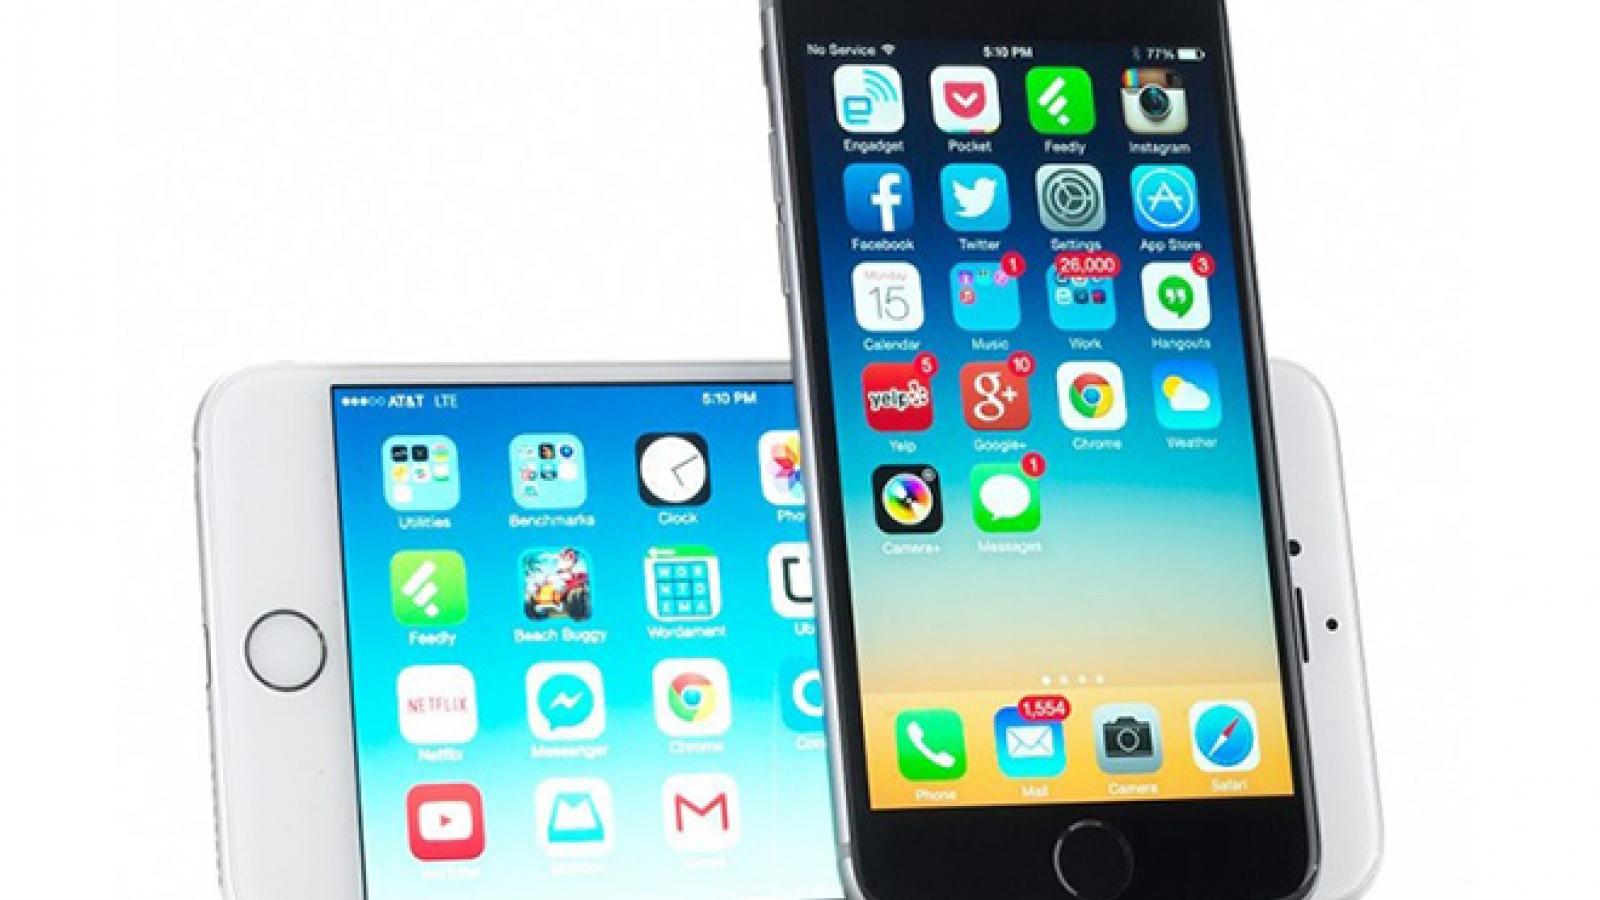 iPhone 5S và iPhone 6 bất ngờ nhận bản cập nhật iOS mới đầy chất lượng